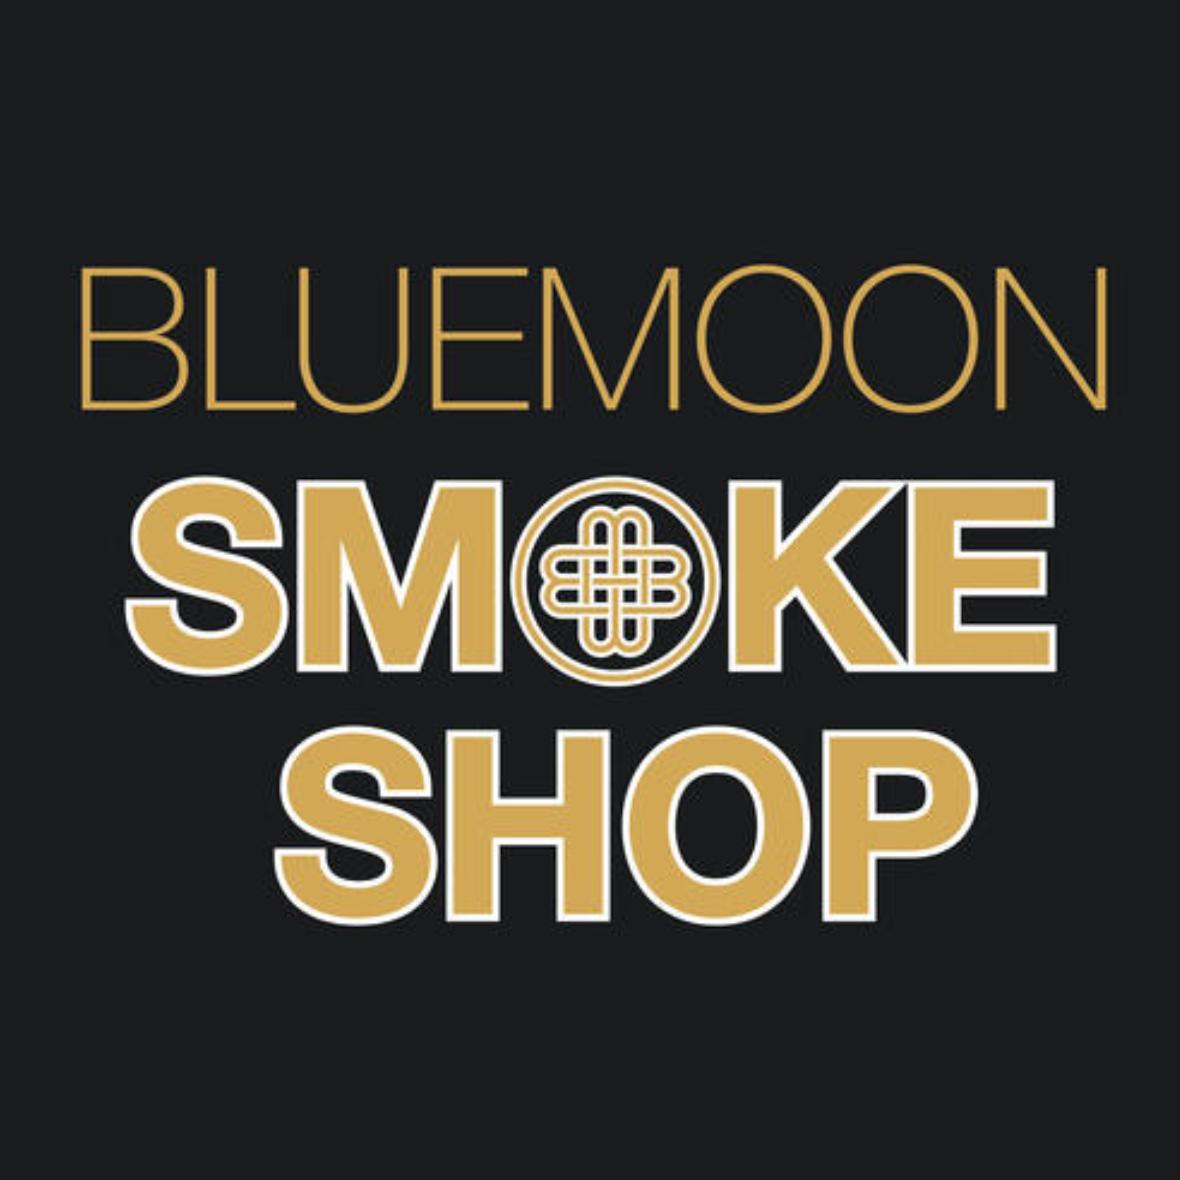 Bluemoon Smoke Shop